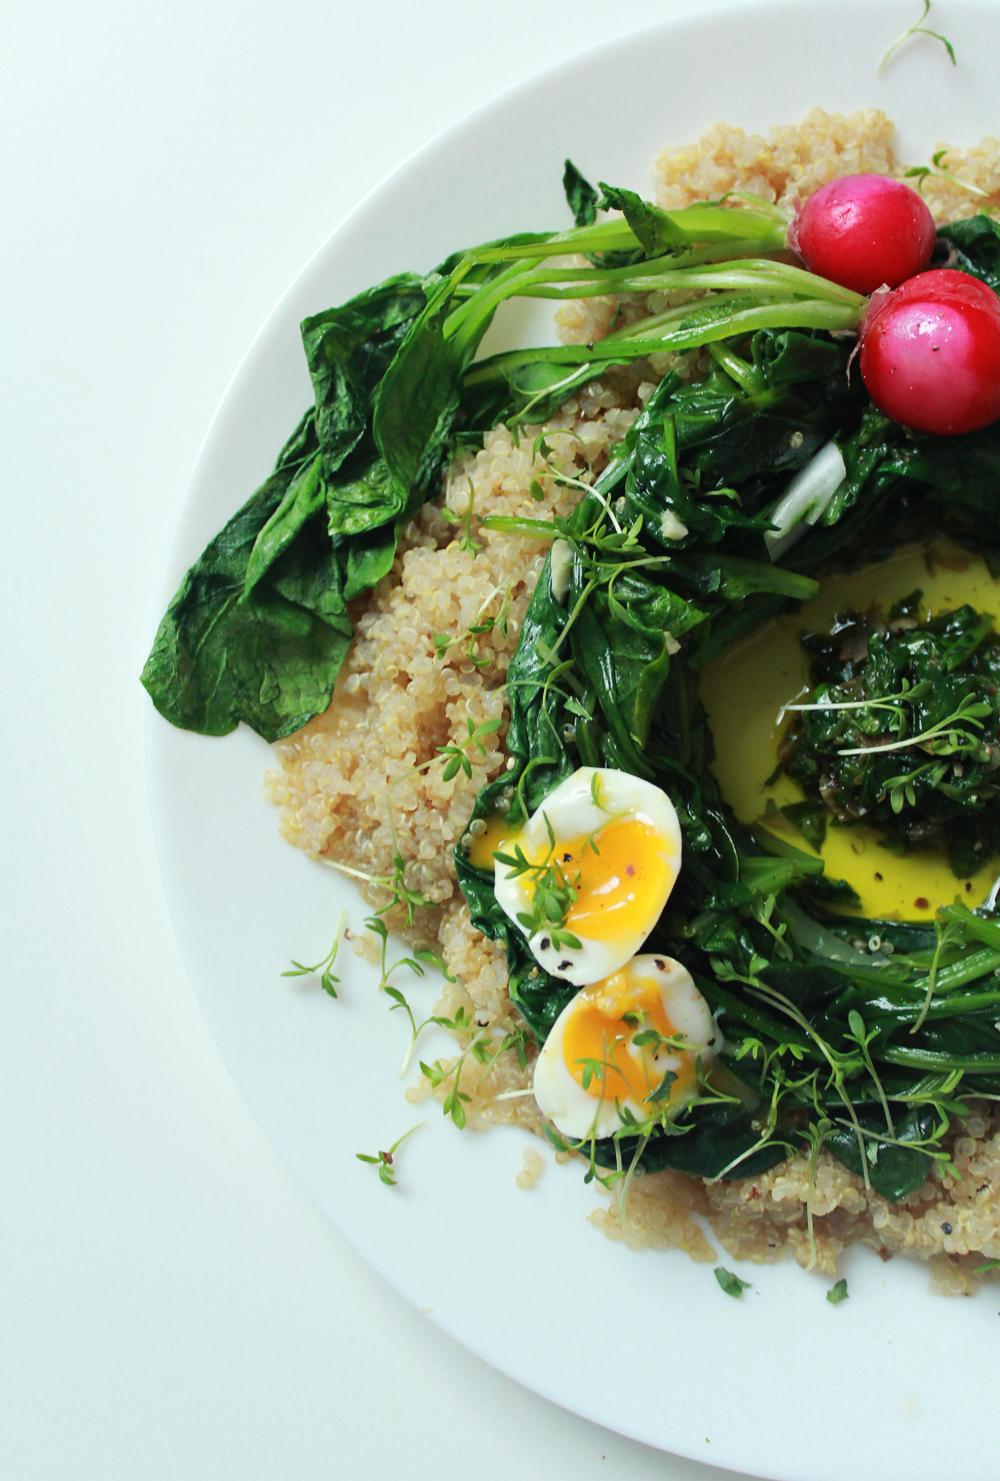 Σαλάτα με πλιγούρι & κινόα και σπανάκι, σέσκουλα,ραπανάκια, μελάτα αυγά και πέστο με κάπαρη - (από το  inwhirlofinspiration.com) 3